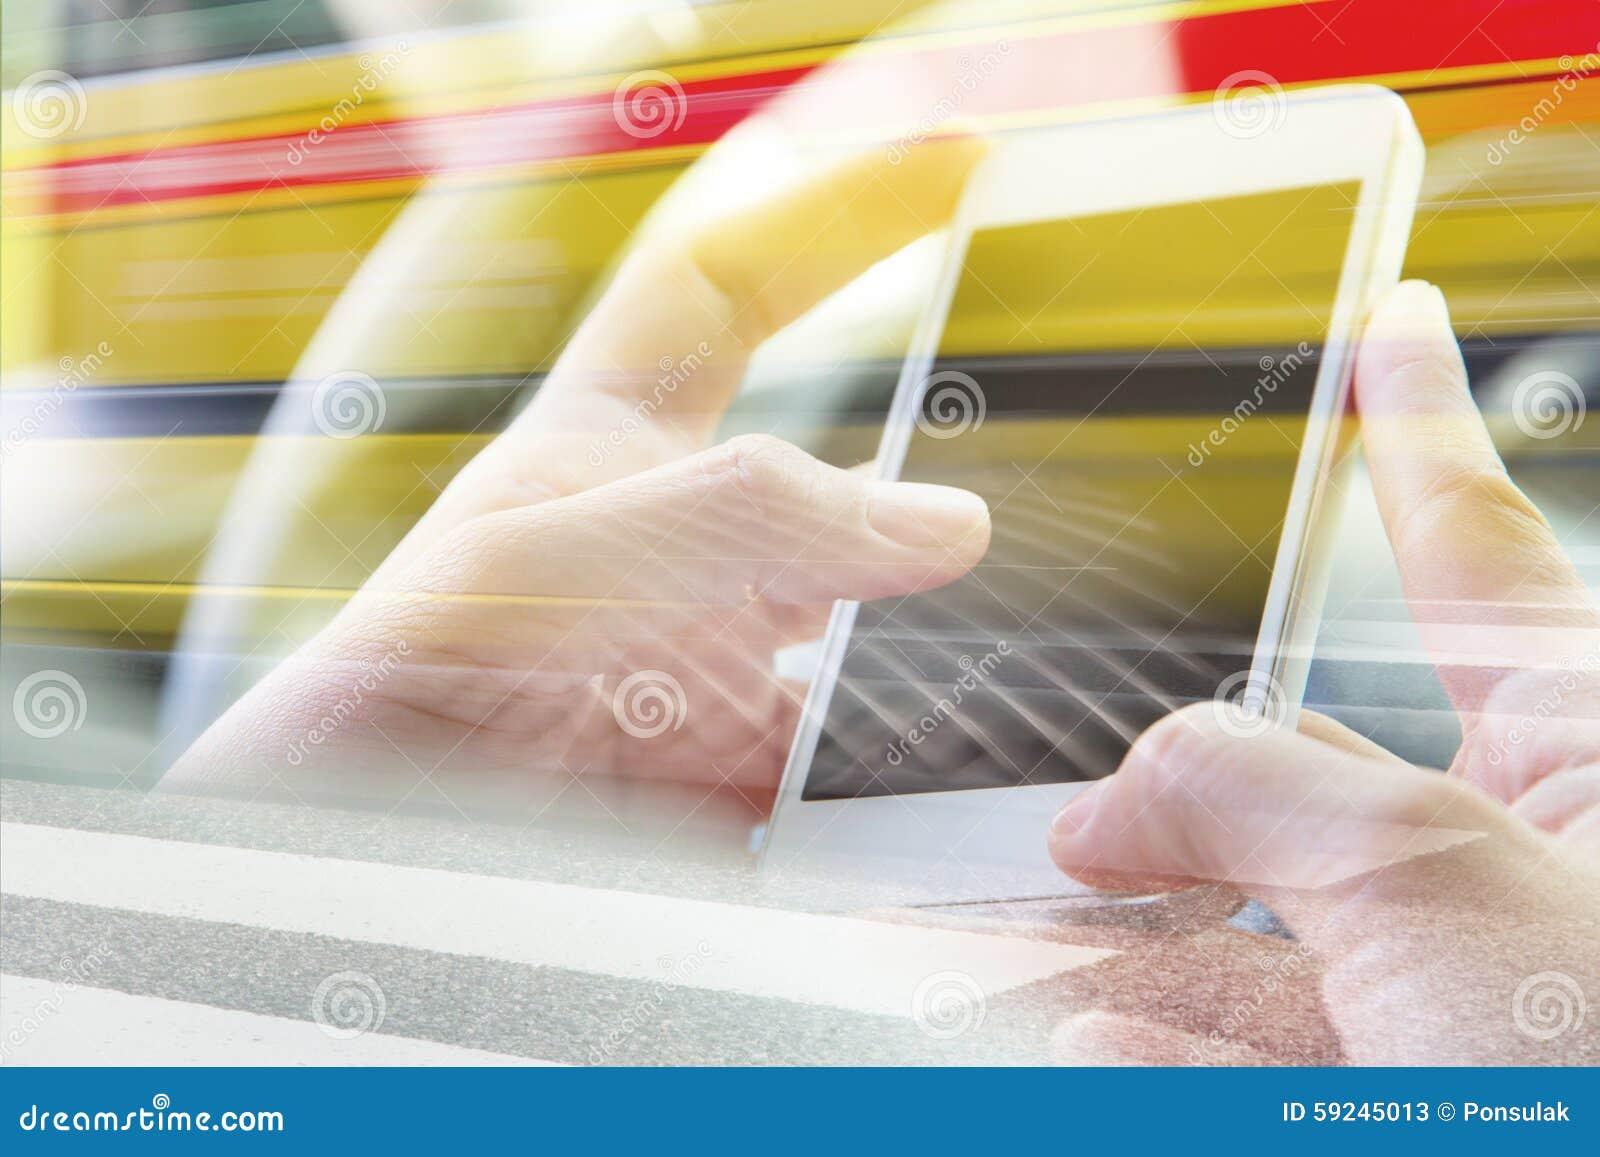 Download Usando La Exposición Doble Del Teléfono Elegante Imagen de archivo - Imagen de humano, exposición: 59245013